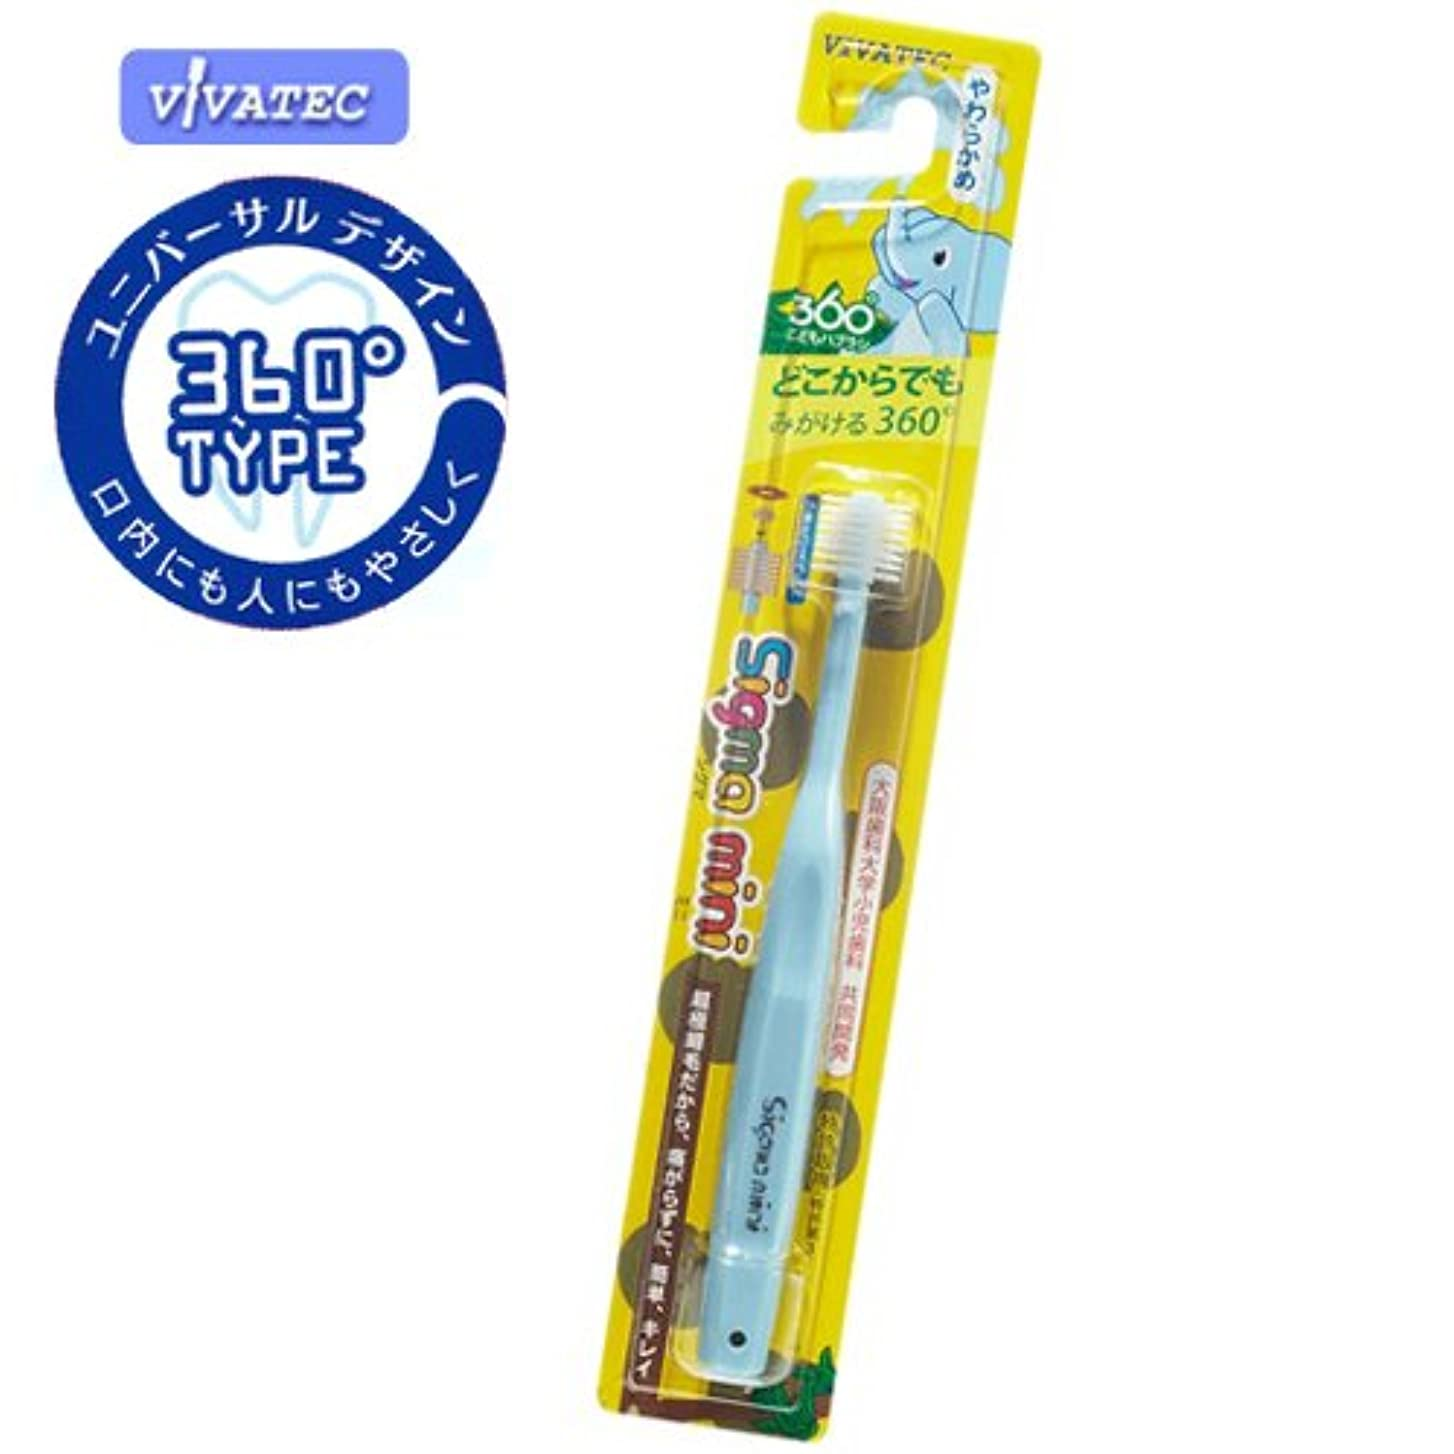 引く辞書忘れる子供用360度歯ブラシ シグマミニ(ブルー)やわらか